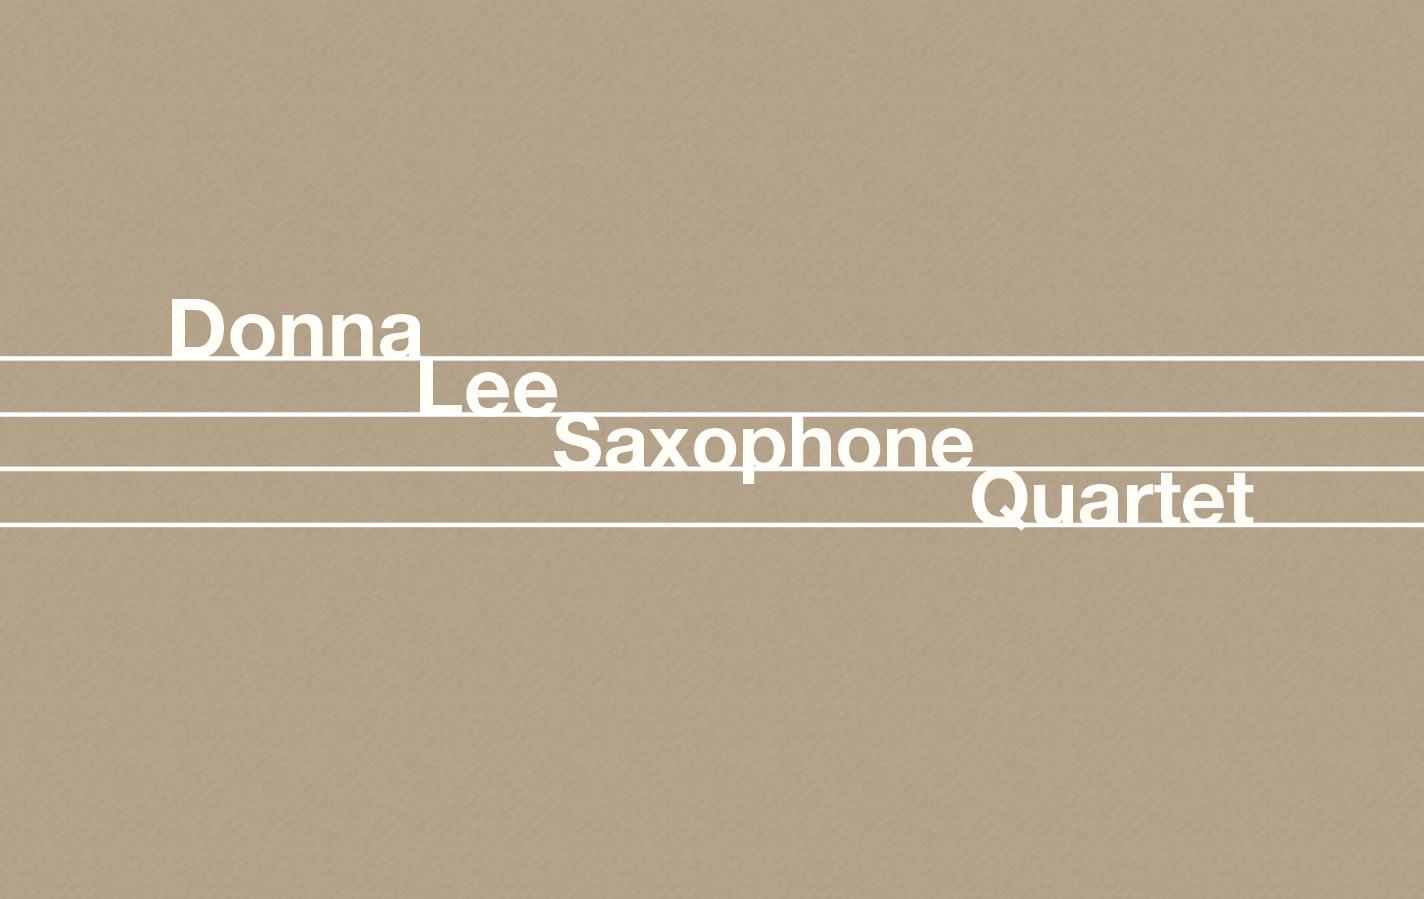 Donna Lee Saxophone Quartet | ZDENKO IVANUSIC ONLINE